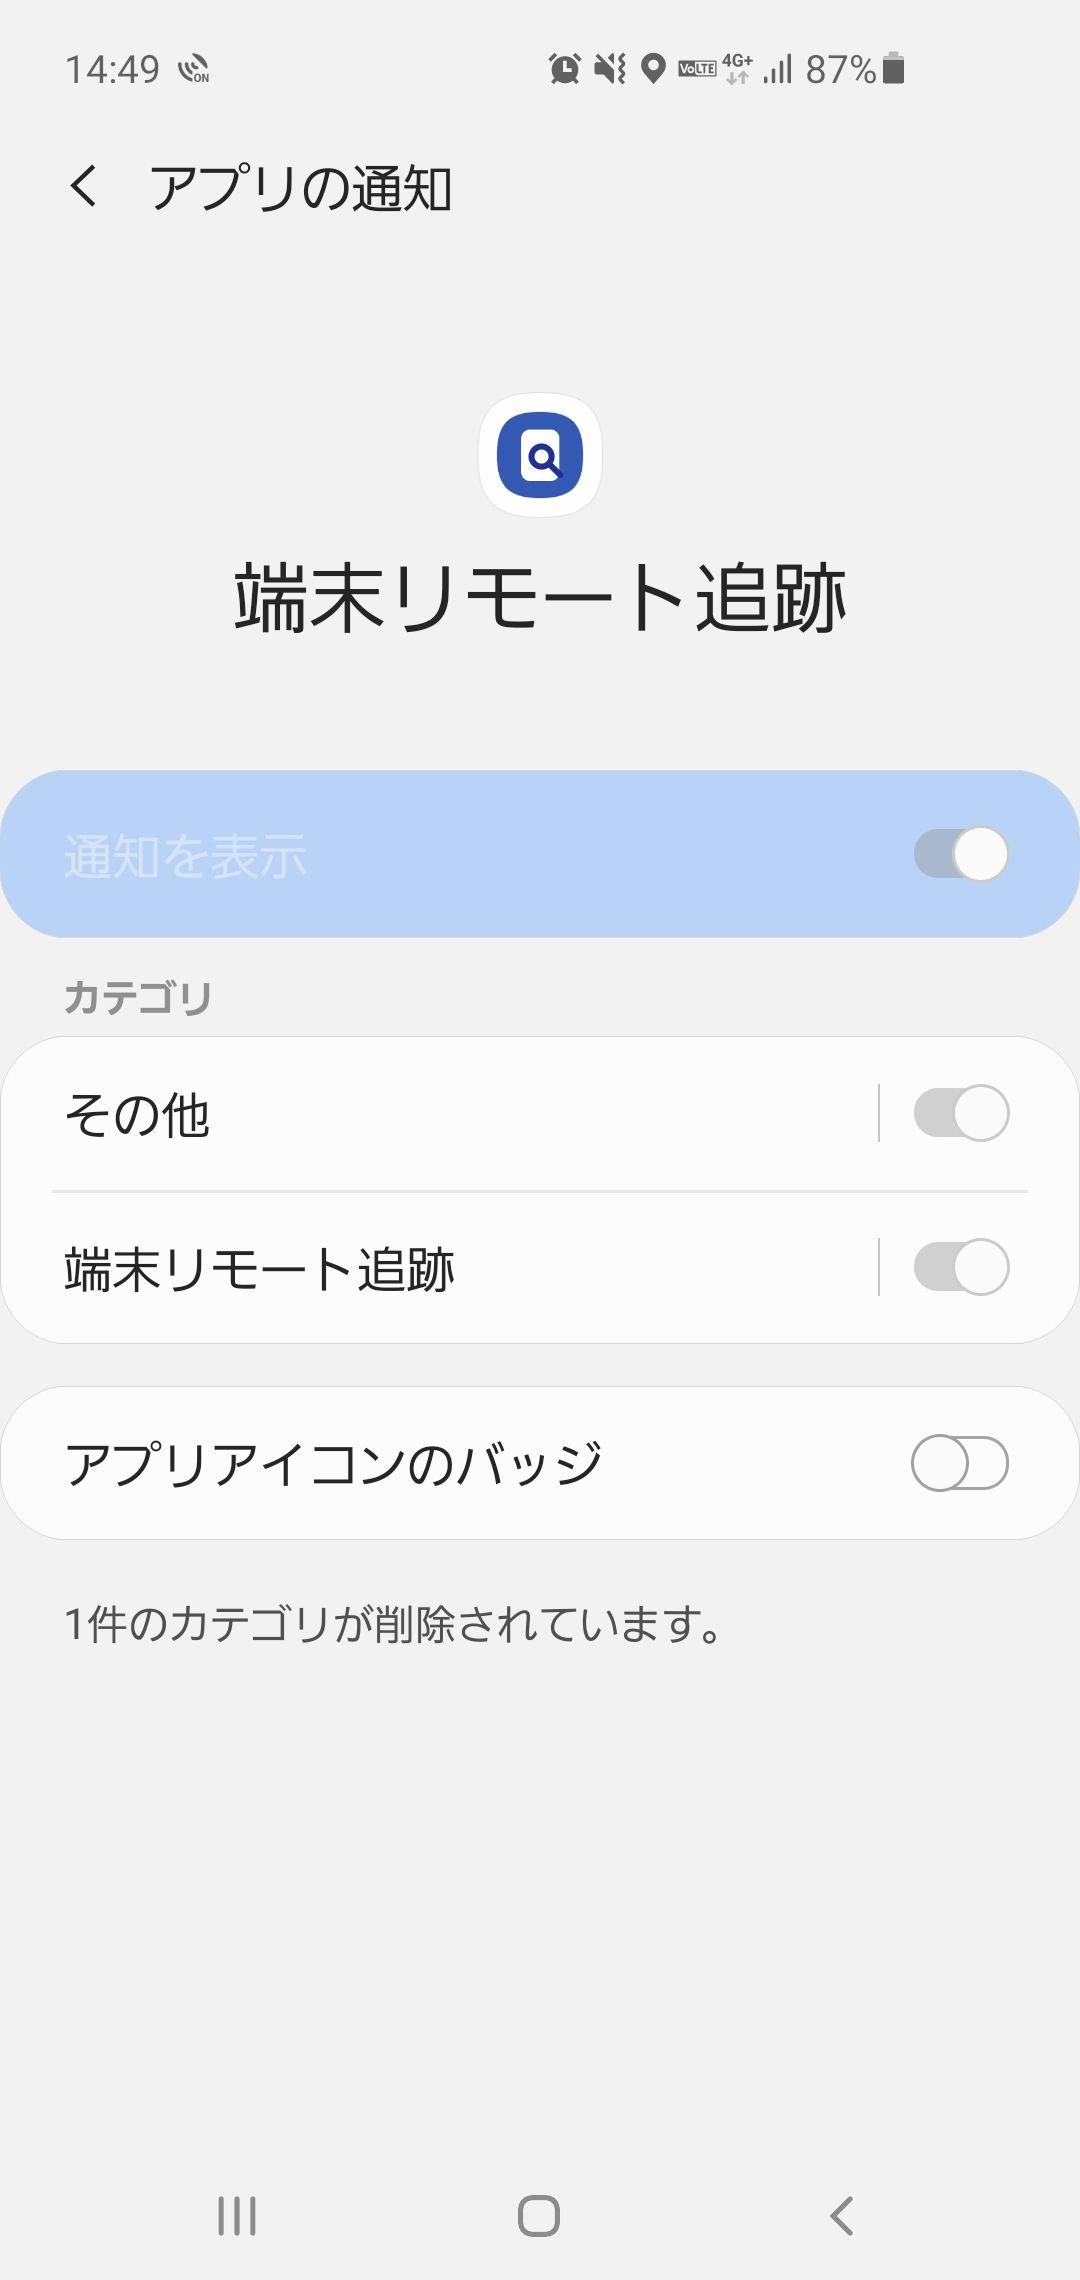 リモート 追跡 サービス 通知 端末